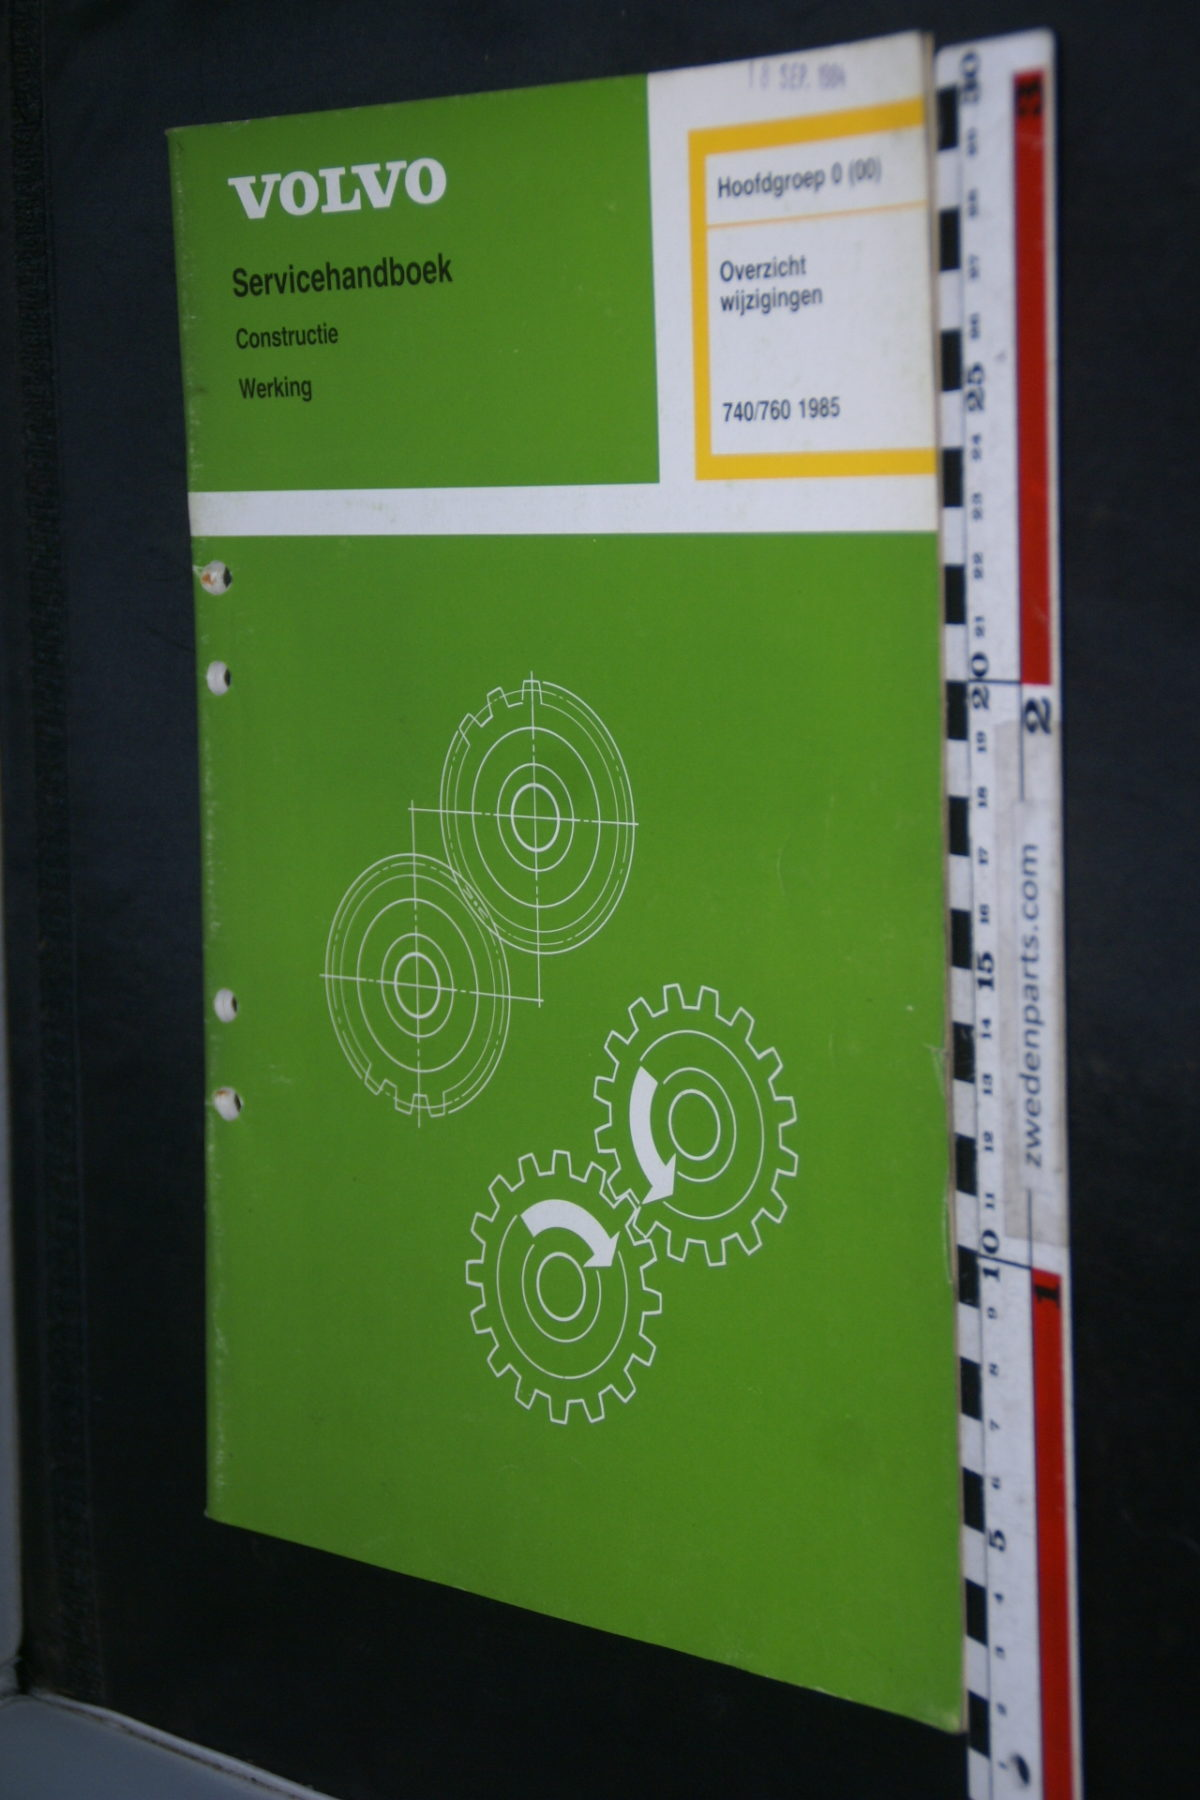 DSC08591 1985 origineel Volvo 740 760 servicehandboek  0 (00) overzicht wijzigingen 1 van 1.200 TP 30742-1